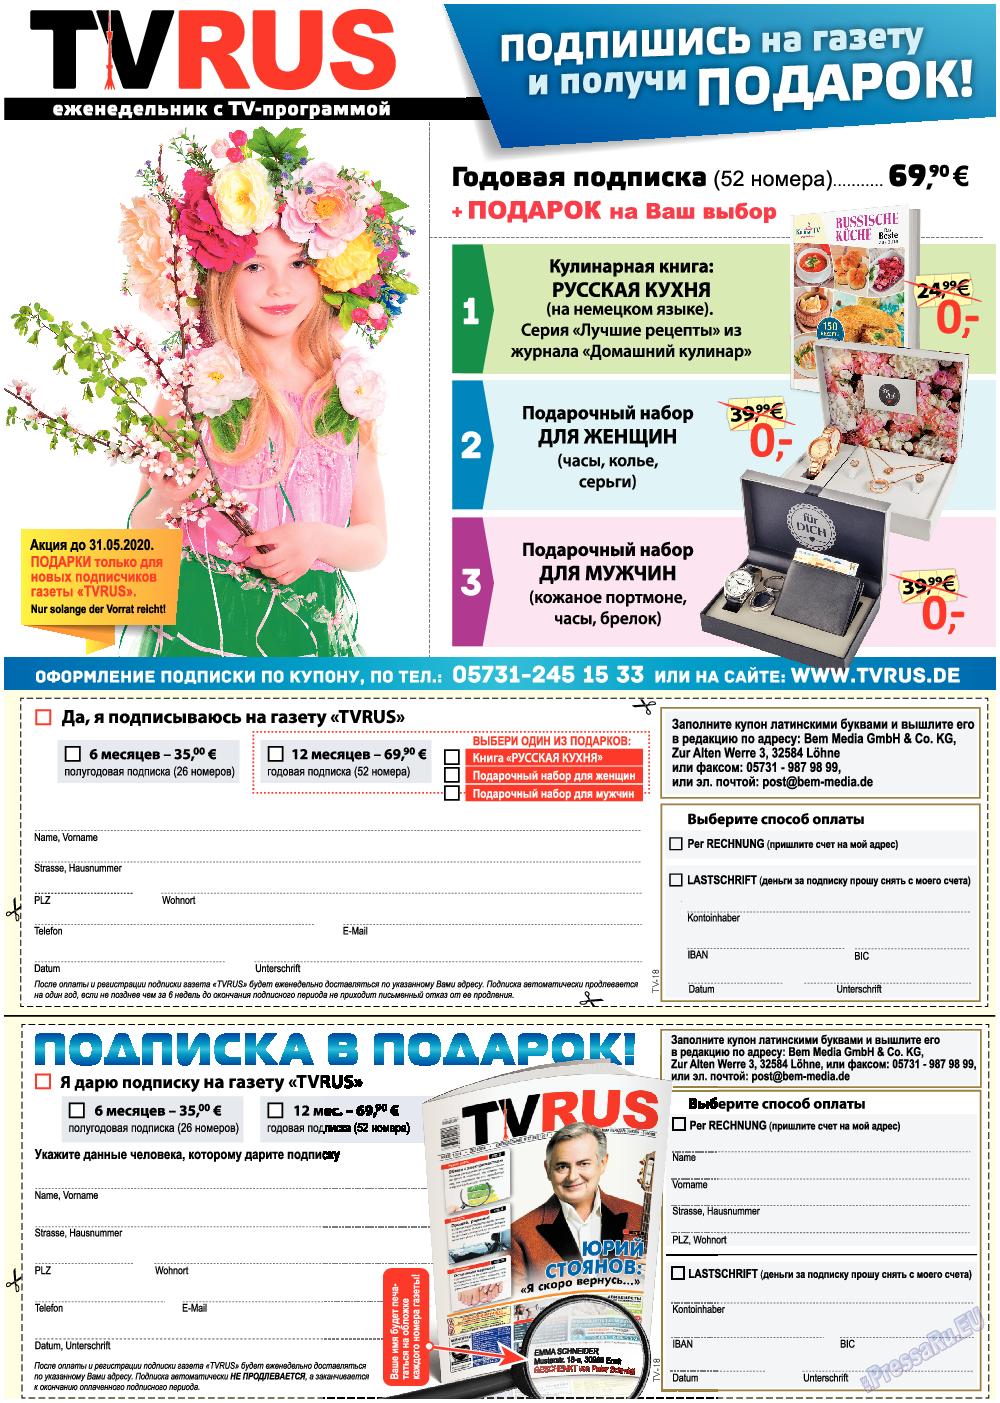 TVrus (газета). 2020 год, номер 18, стр. 55